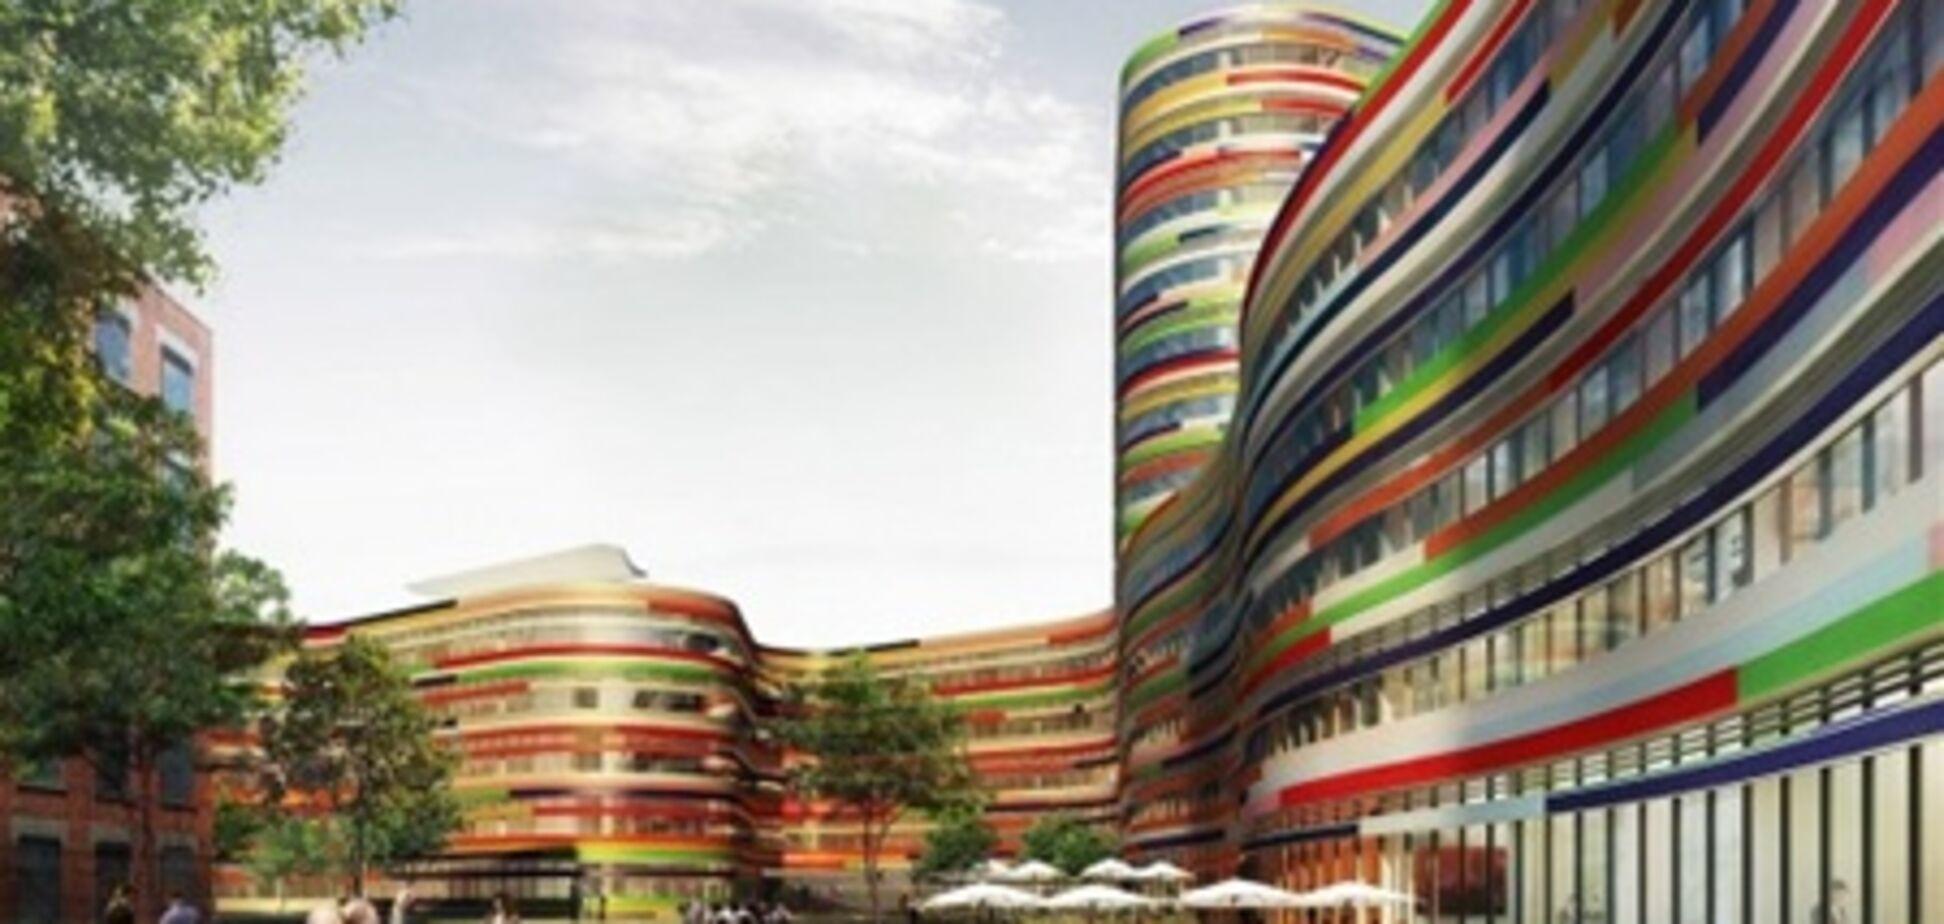 В Ikea опровергли информацию о строительстве квартала в Гамбурге